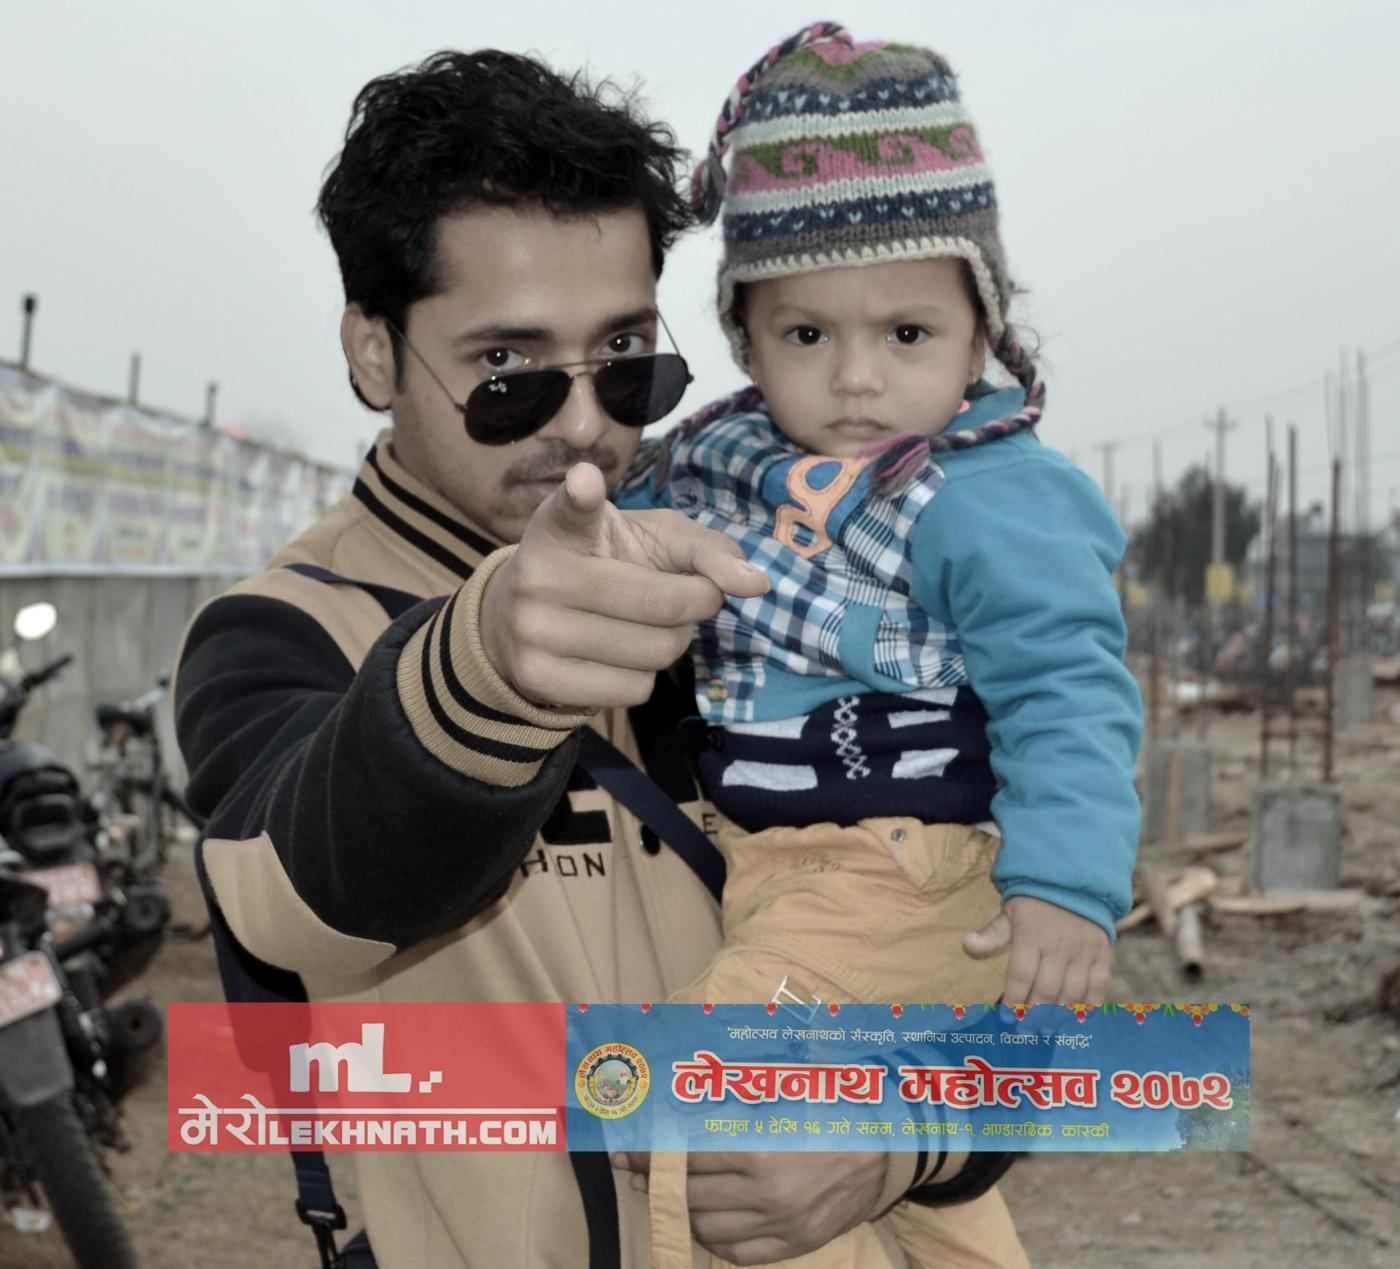 Lekhnath Mahotsab 2072 photos - By BJ ACHARYA - Mero Lekhnath (4)